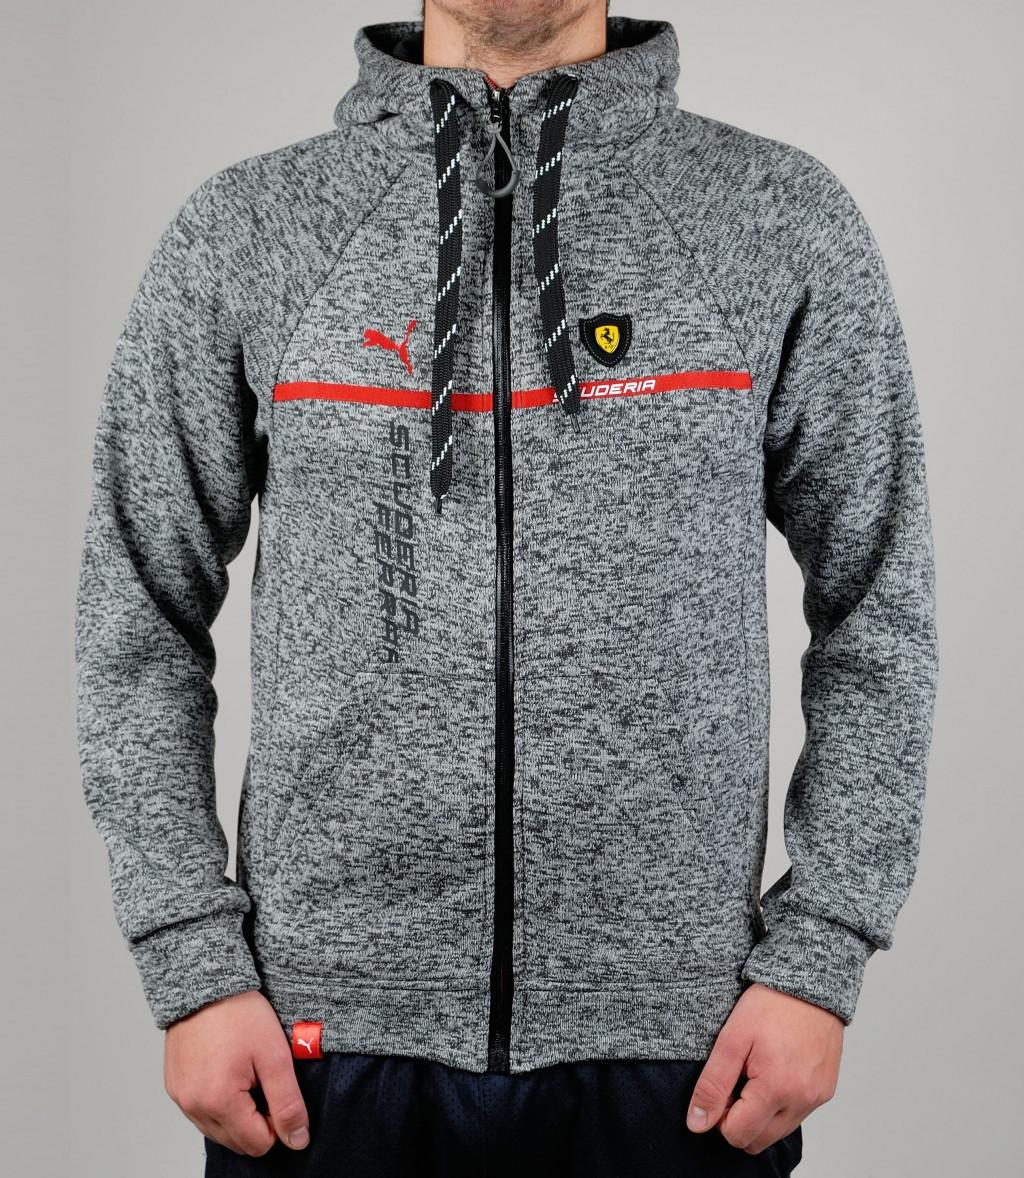 e541ca8ff4d6 Мужская зимняя спортивная кофта Puma Ferrari - Торговая площадка